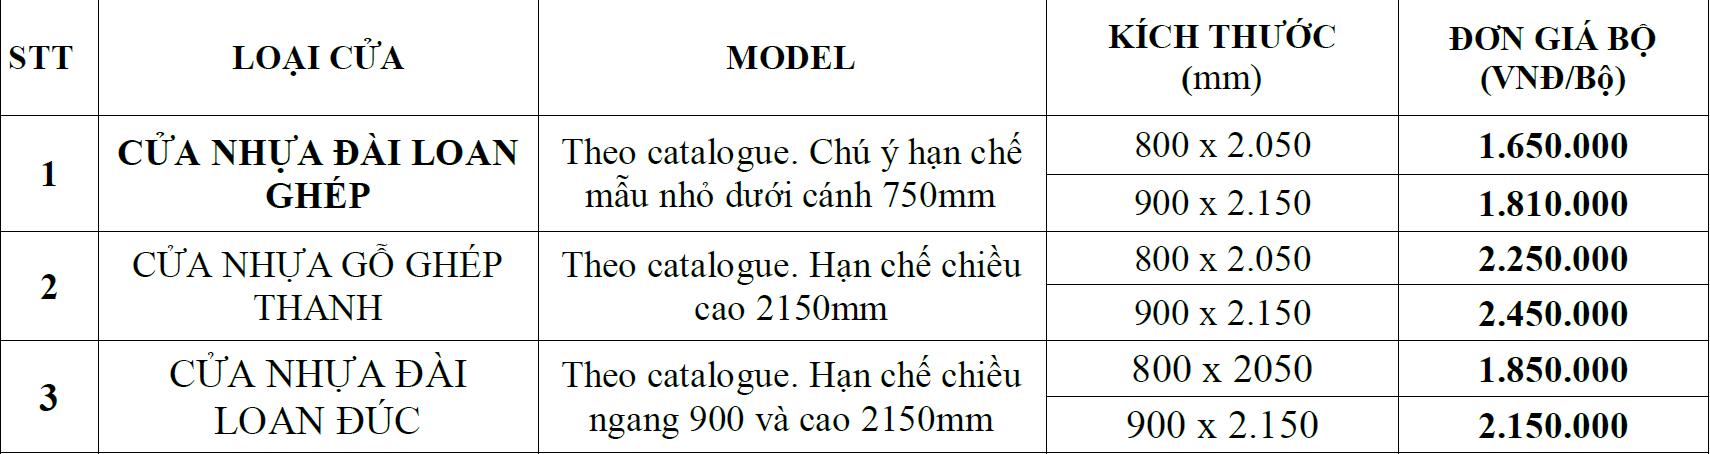 Bảng báo giá cửa nhựa Đài Loan